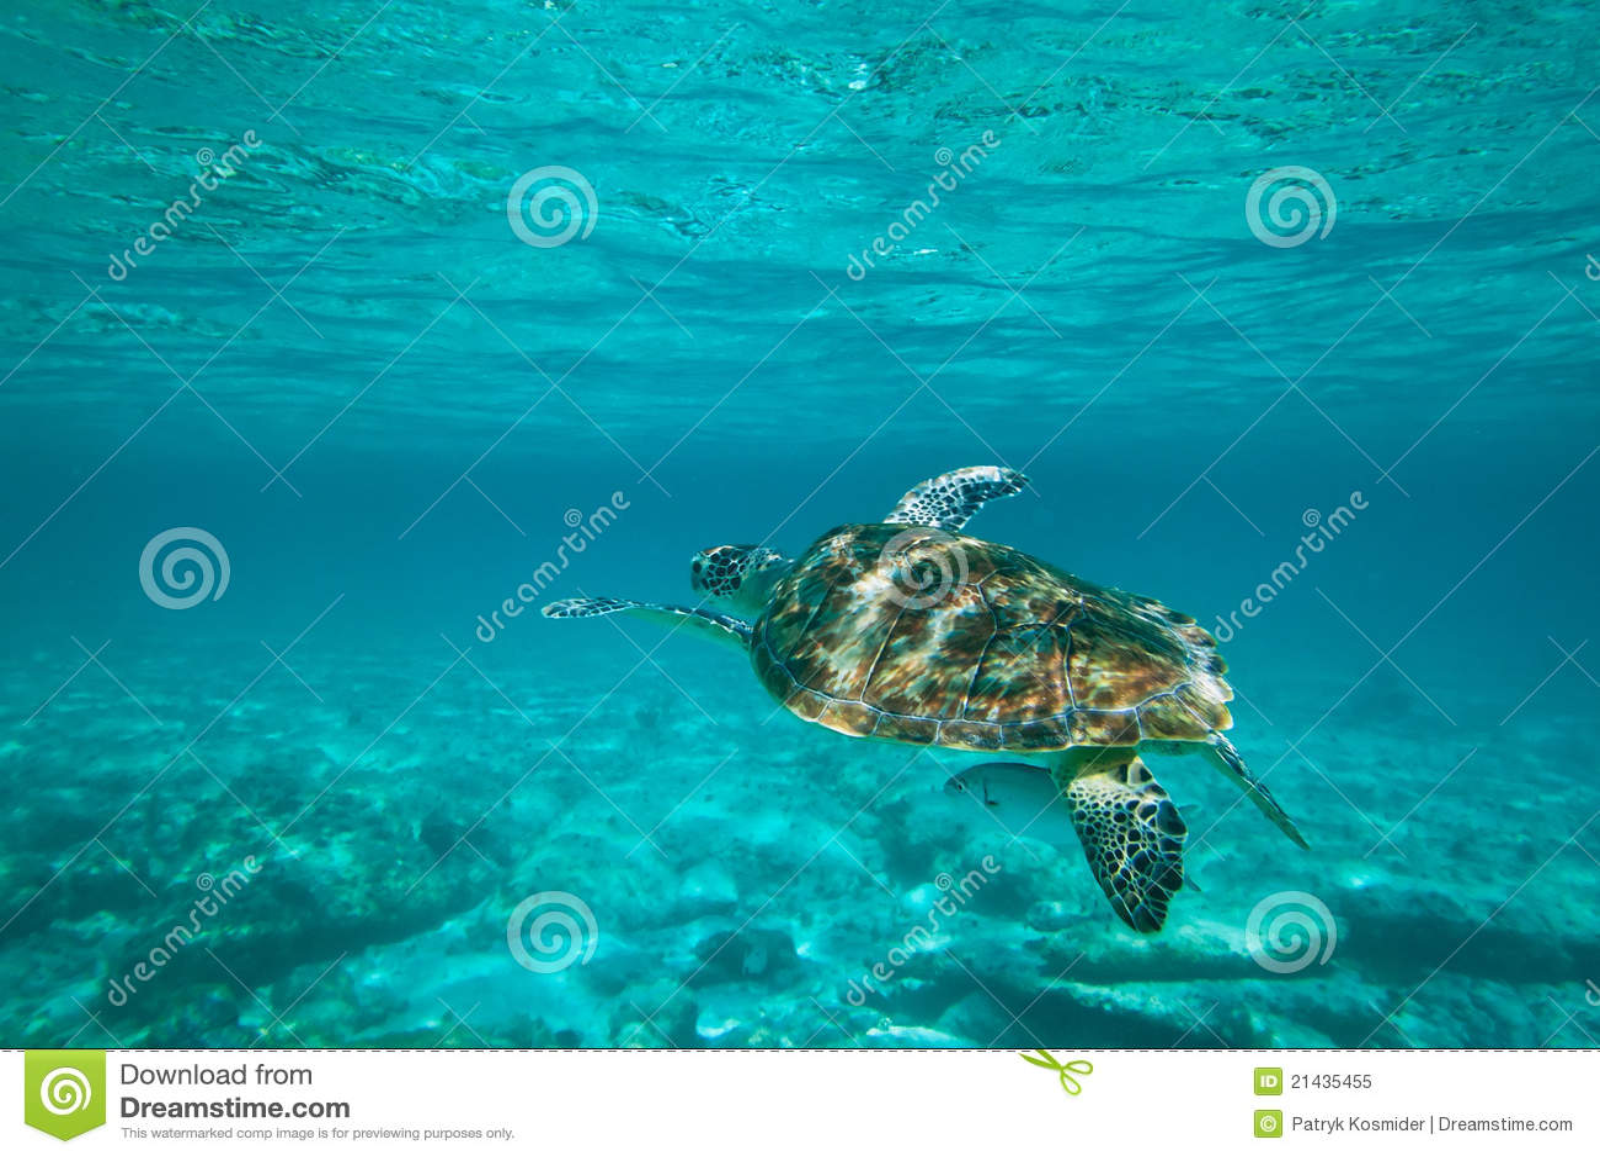 Grüne Schildkröte in der Natur